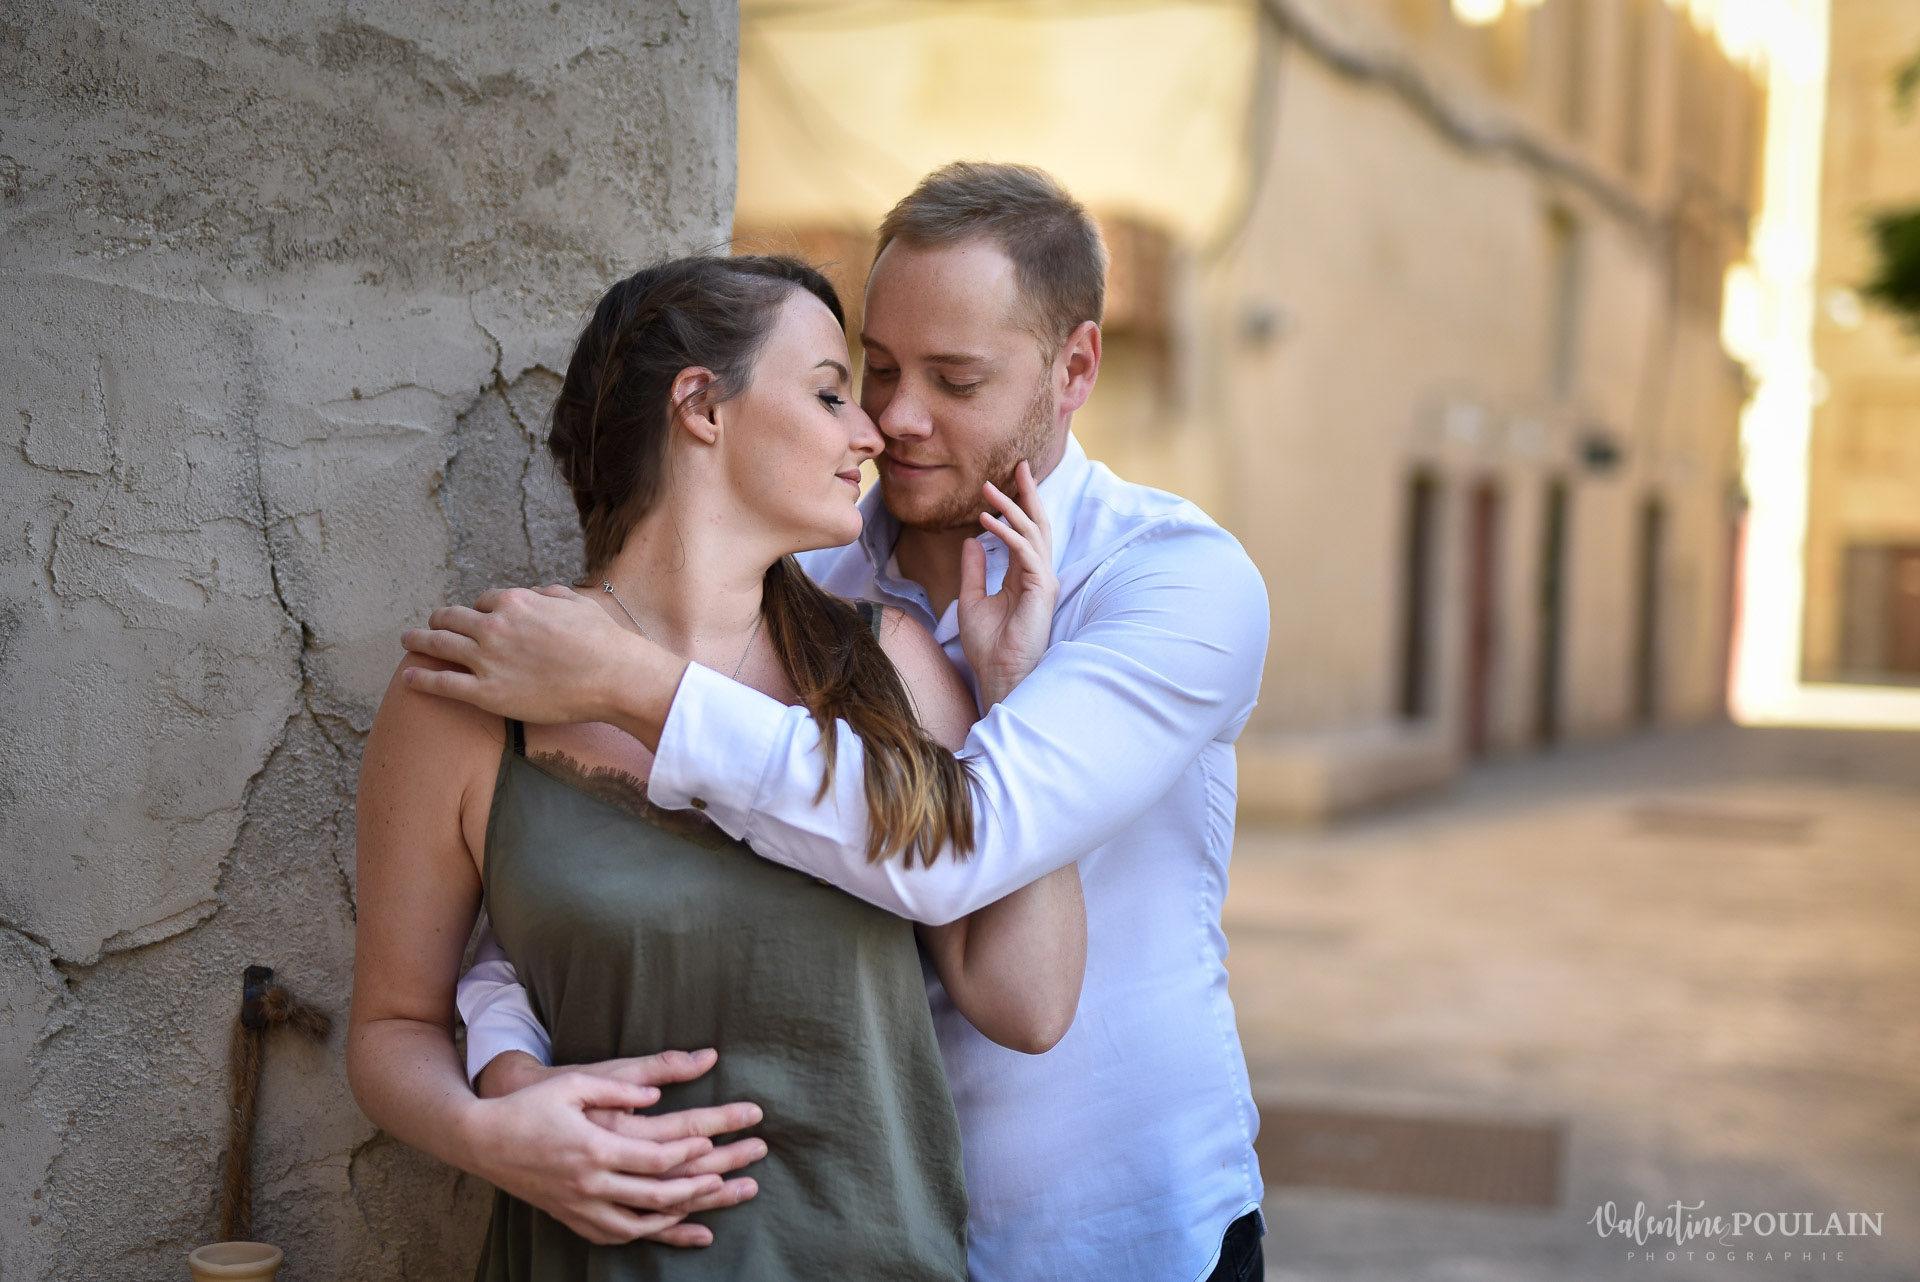 Demande en mariage Désert Dubaï - Valentine Poulain tendresse